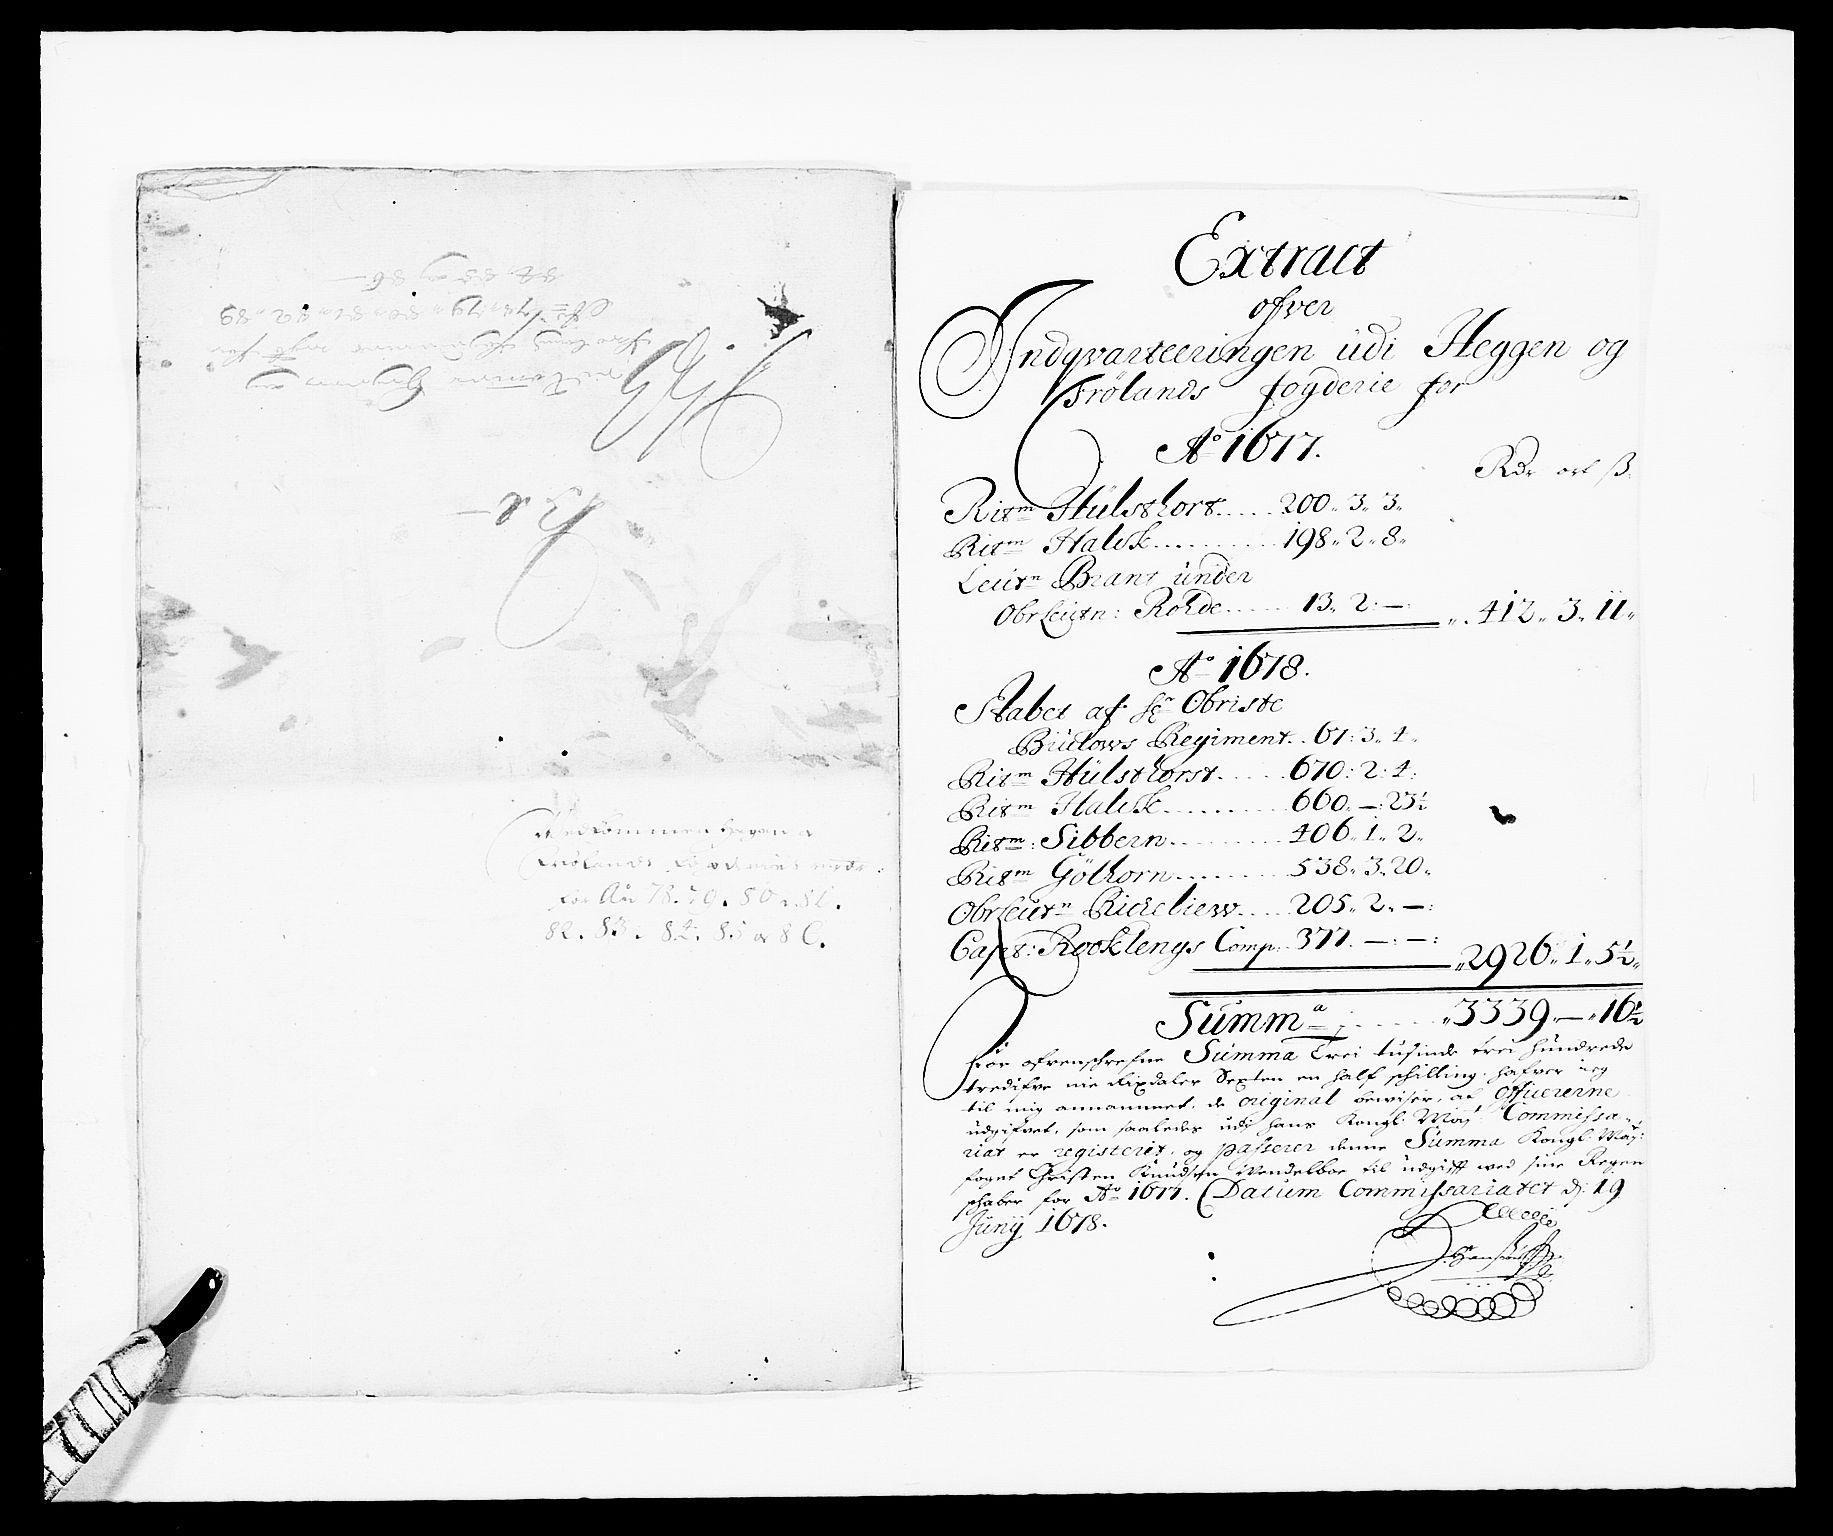 RA, Rentekammeret inntil 1814, Reviderte regnskaper, Fogderegnskap, R06/L0281: Fogderegnskap Heggen og Frøland, 1678-1686, s. 137